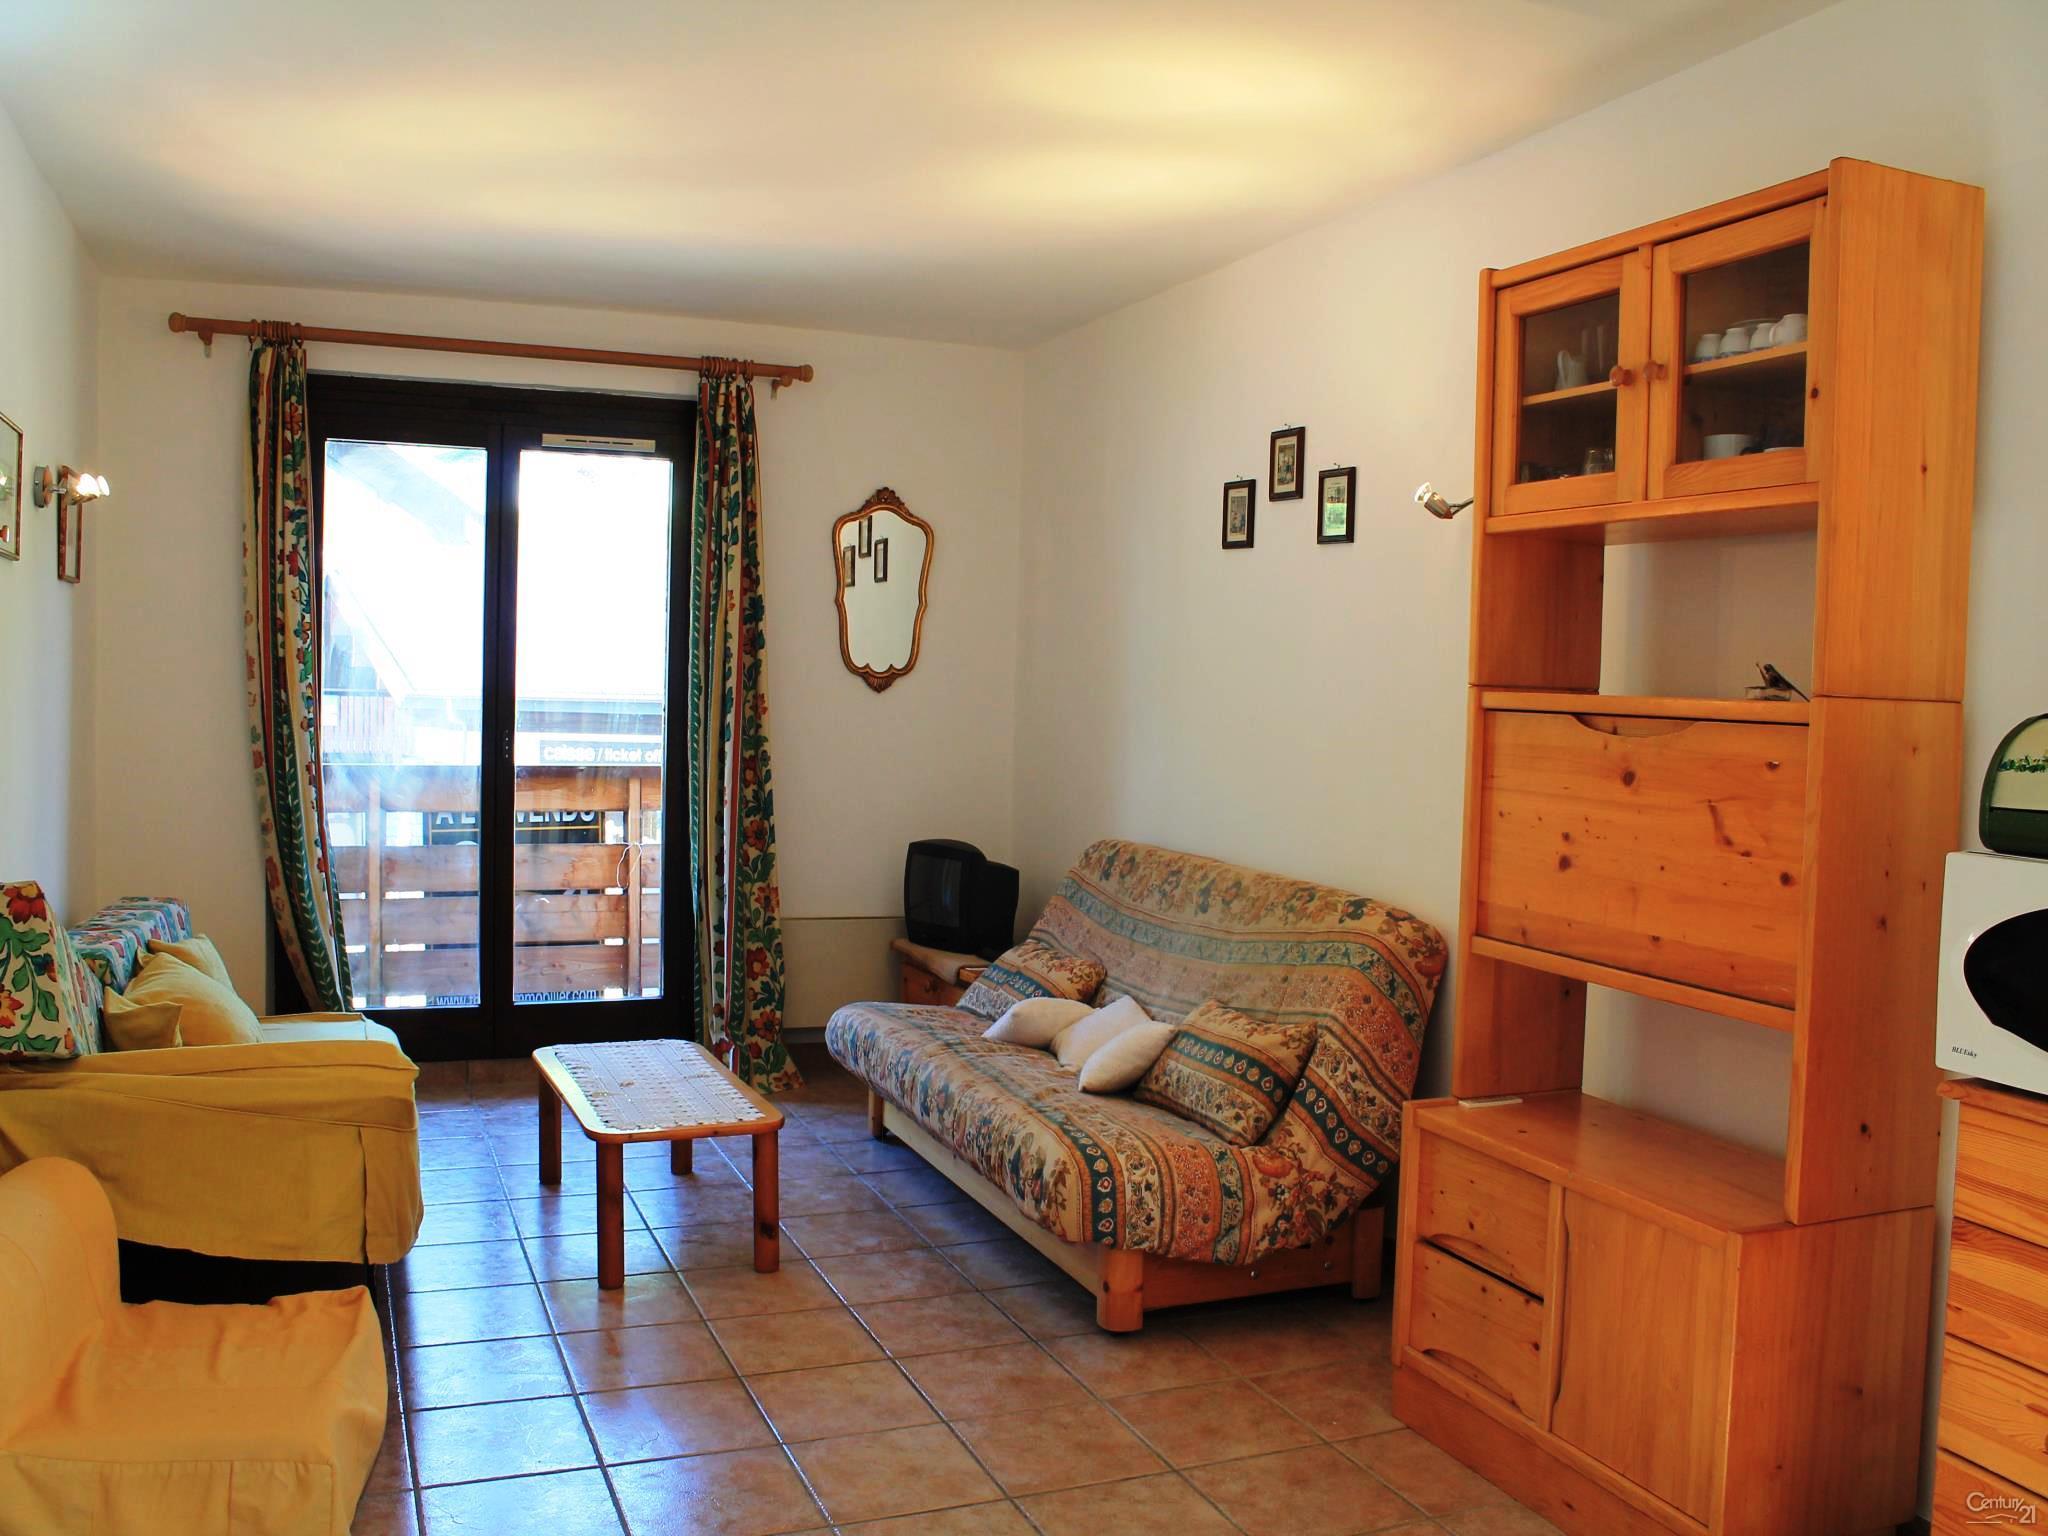 Les Gets apartment living room